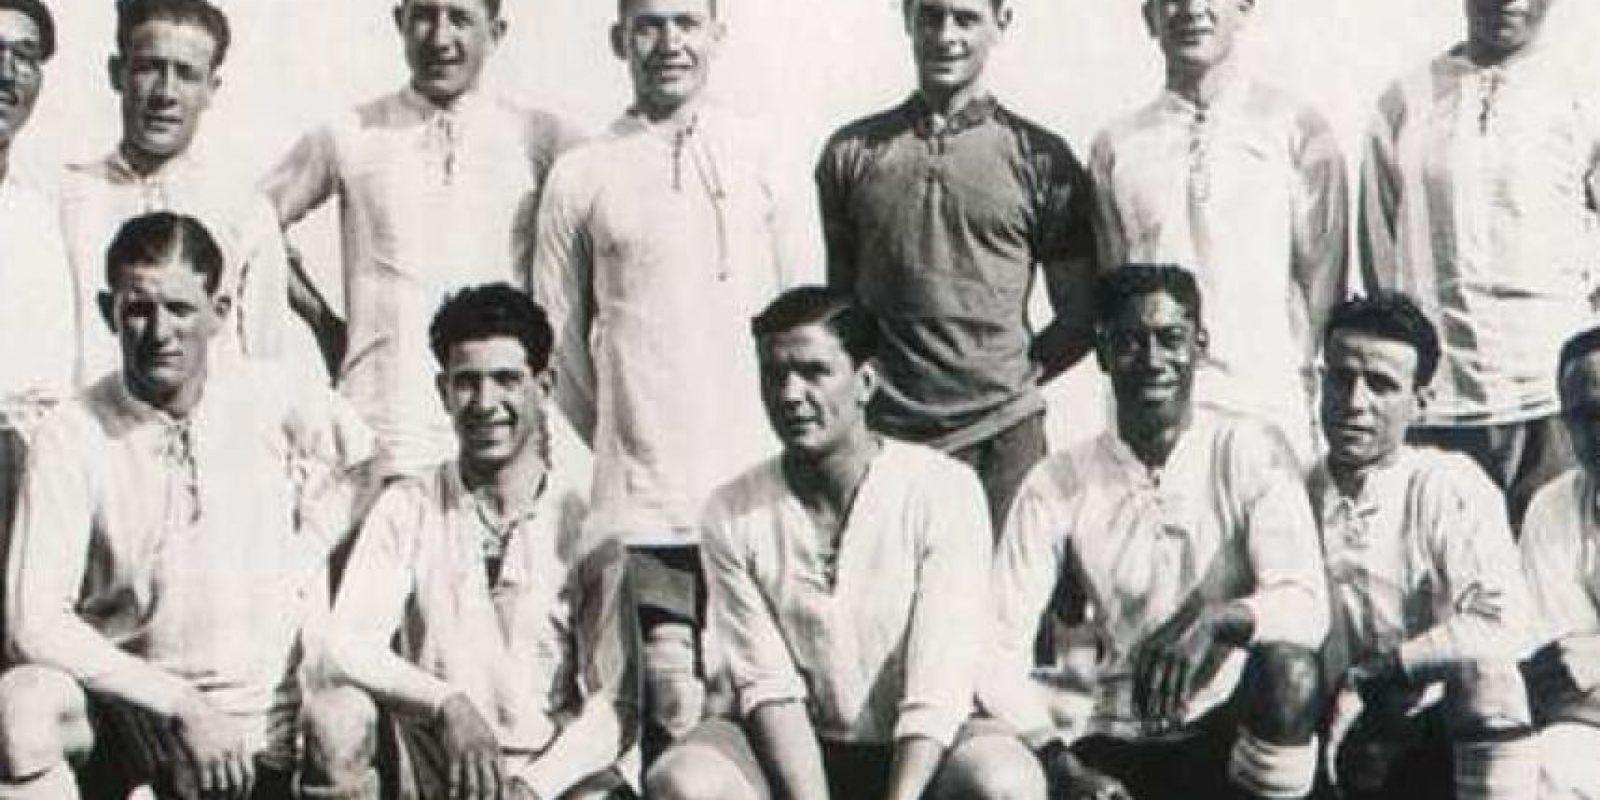 """La edición de la Copa América 1925 fue la que tuvo menos participantes en la historia. Originalmente participarían 5 selecciones: Argentina, Uruguay, Brasil, Chile y Paraguay, pero al final, los """"Charrúas"""" renunciaron por problemas con su Asociación y la """"Roja"""", por el último lugar conseguido en la edición anterior. Foto:Wikimedia"""